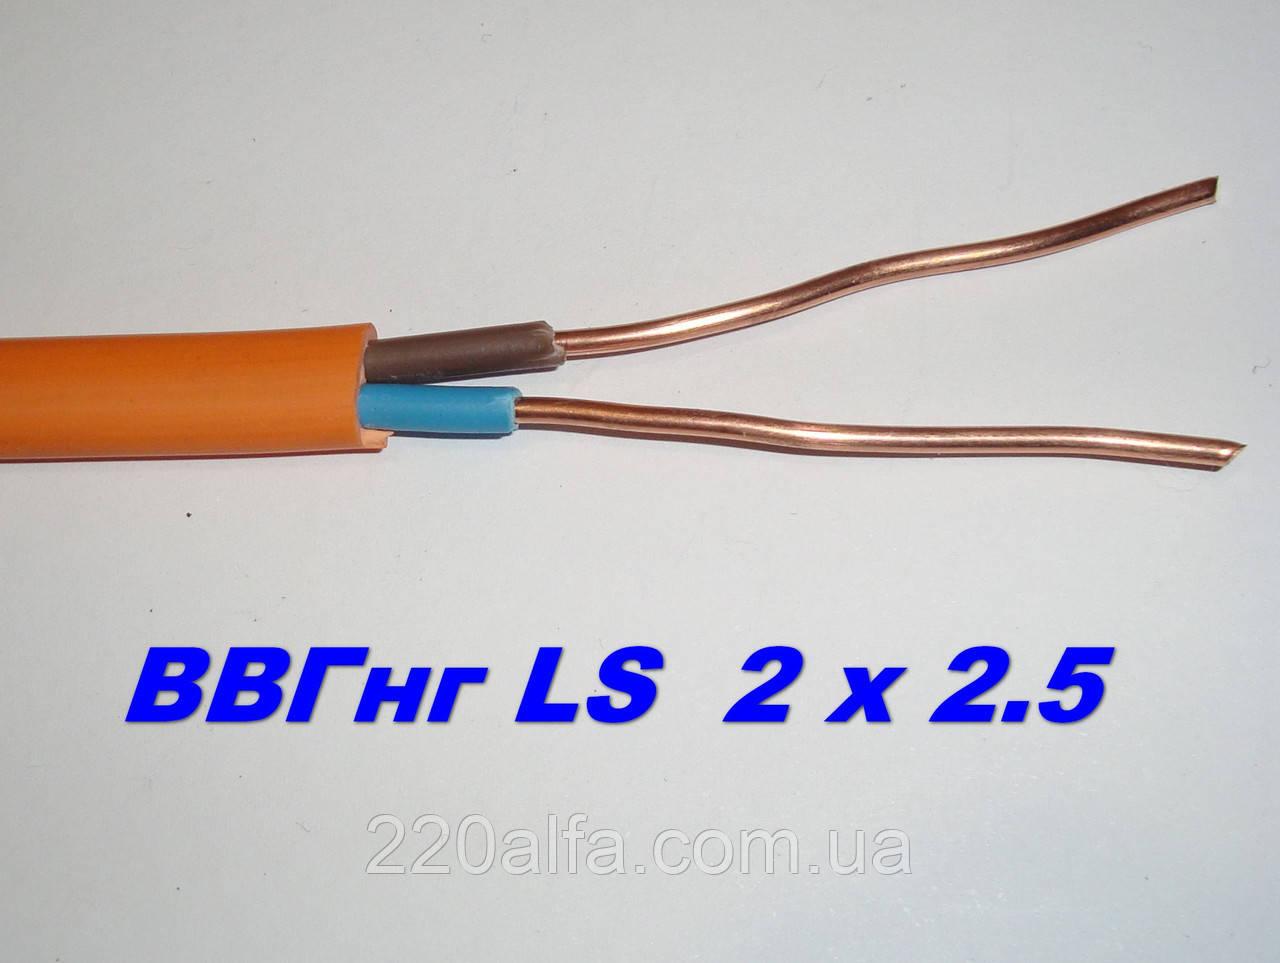 Силовой кабель медный ВВГнгд LS 2х 2.5 полноценное сечение.